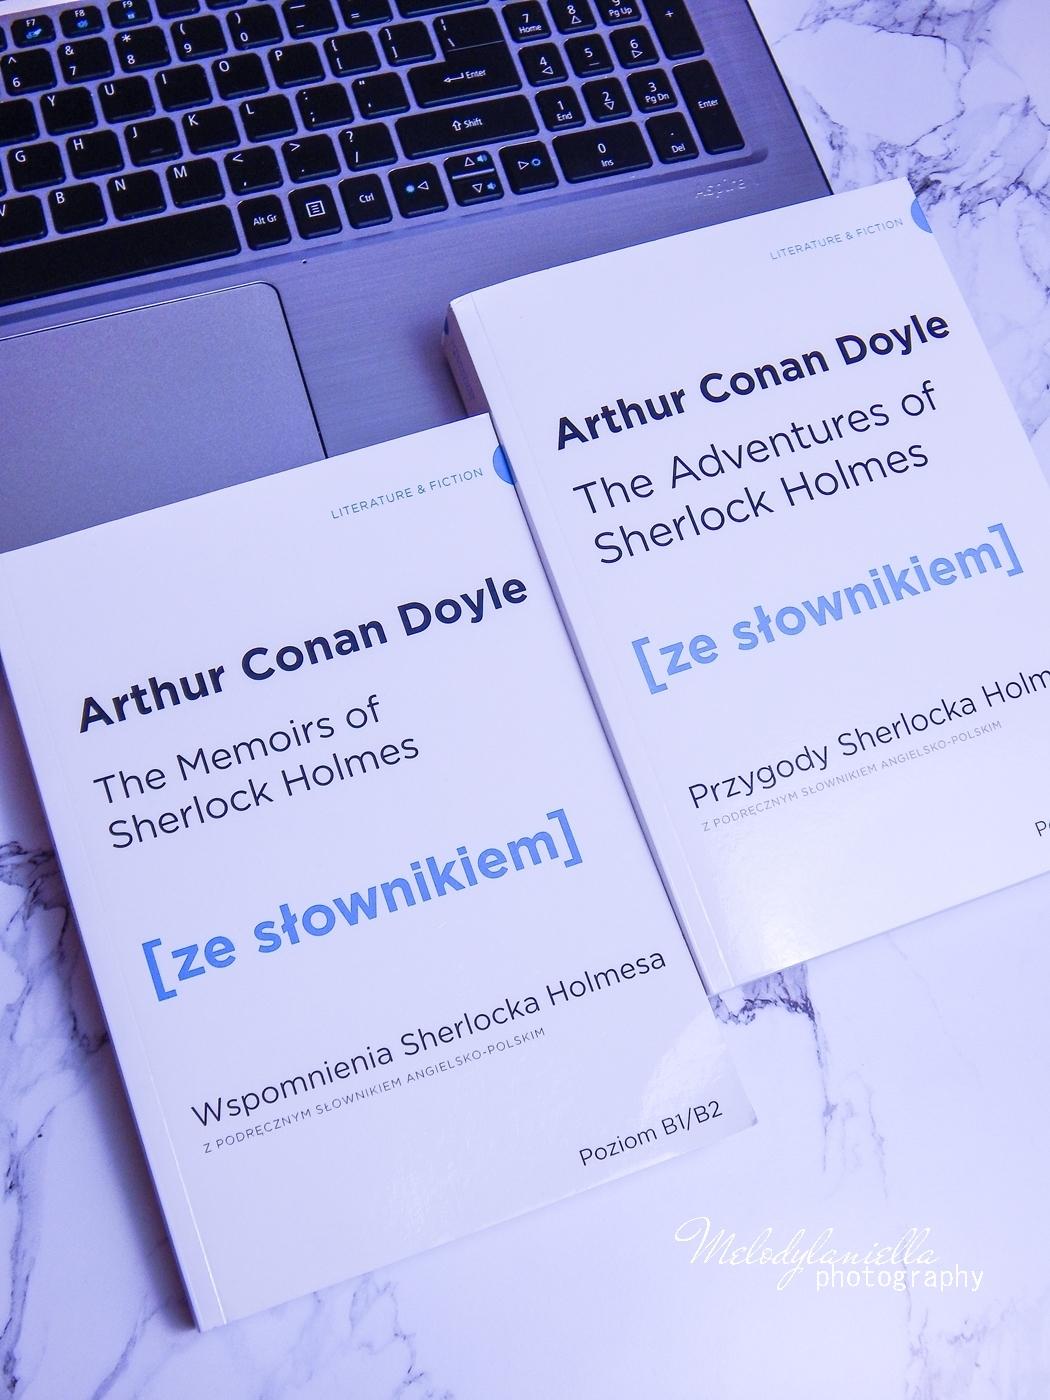 11 trzy sposoby na szybszą naukę języka angielskiego jak efektywnie uczyć się języków aplikacje do nauki angielskiego do nauki języków obcych duolingo książki ze słownikiem sherlock holmes